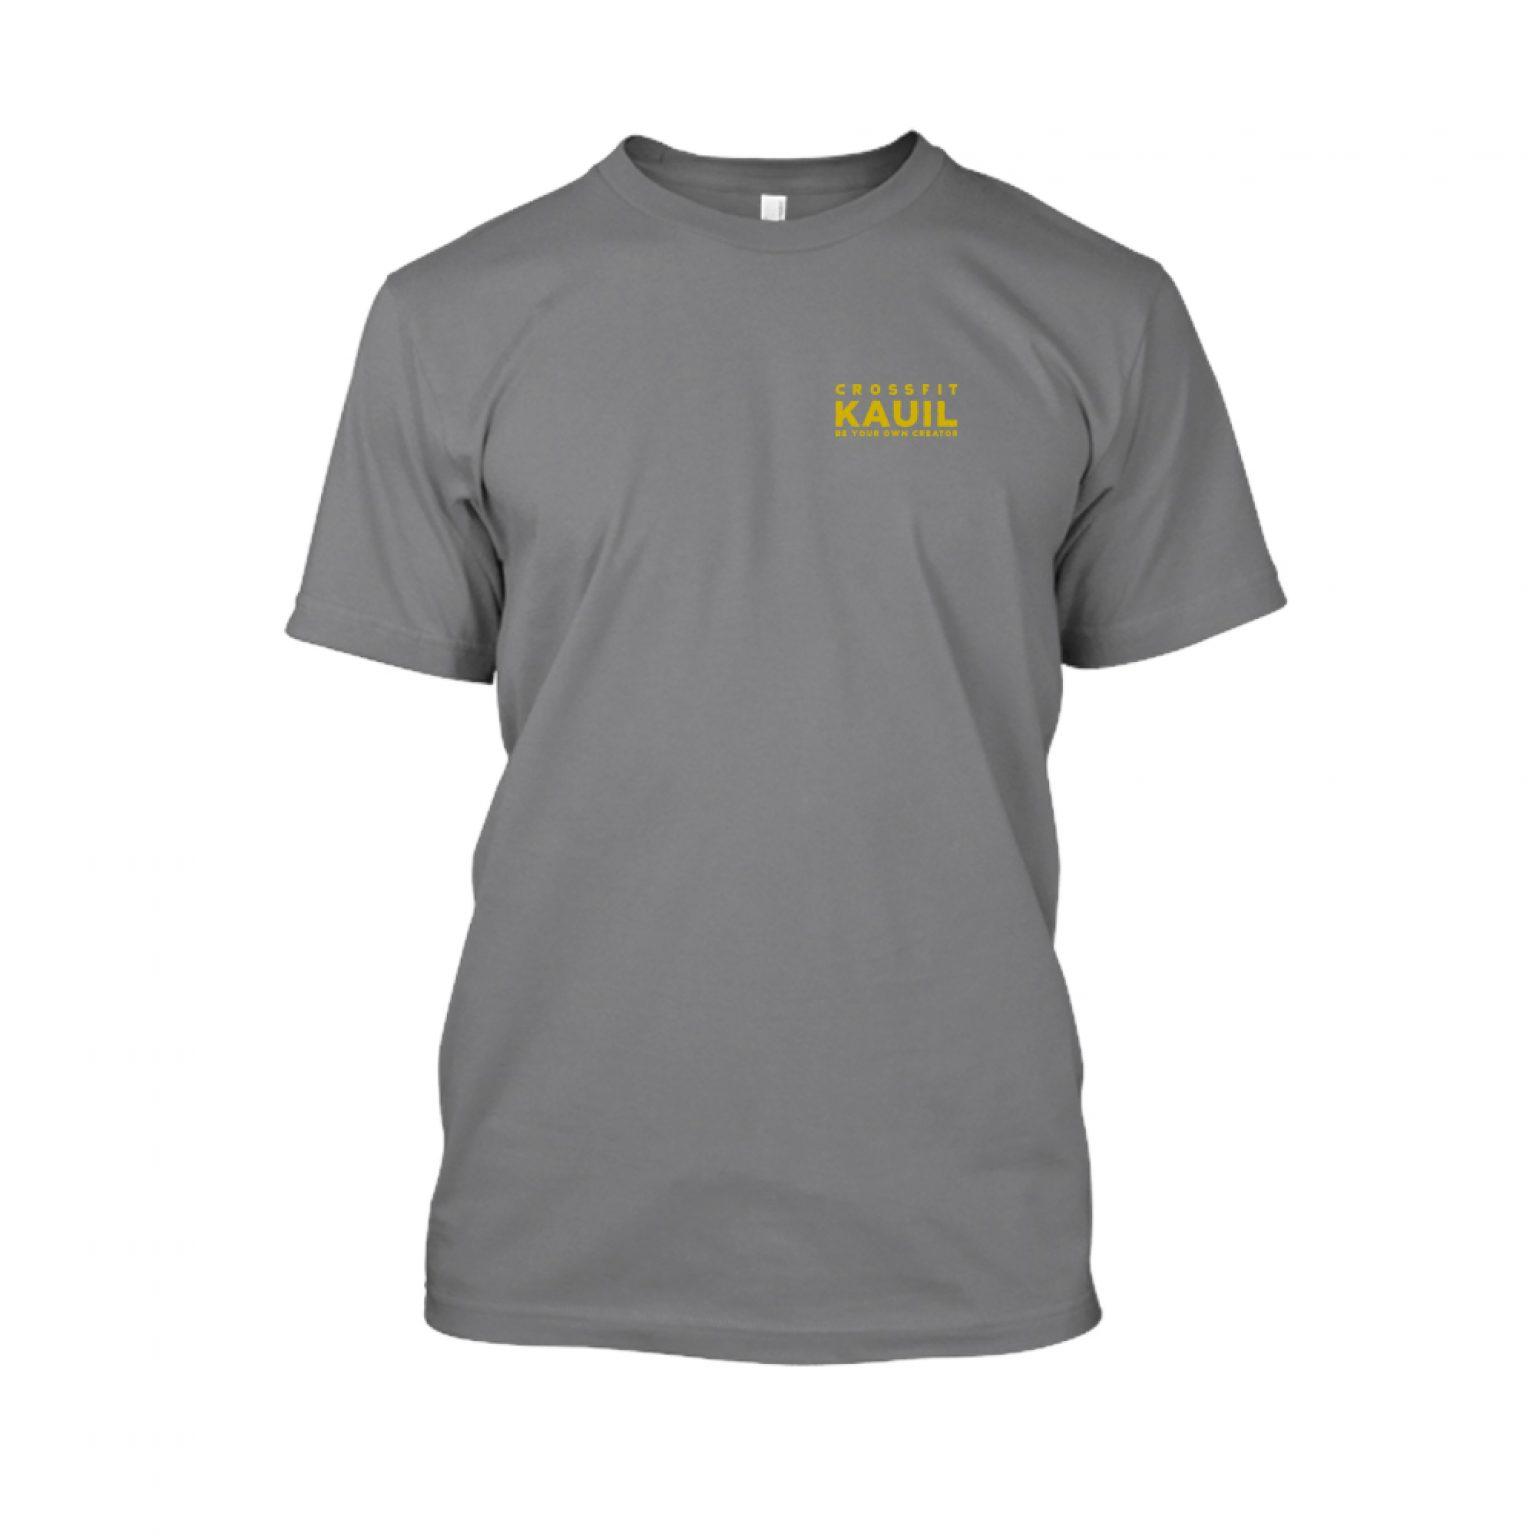 Herren Shirt HeatherDarkGrey2 gold front